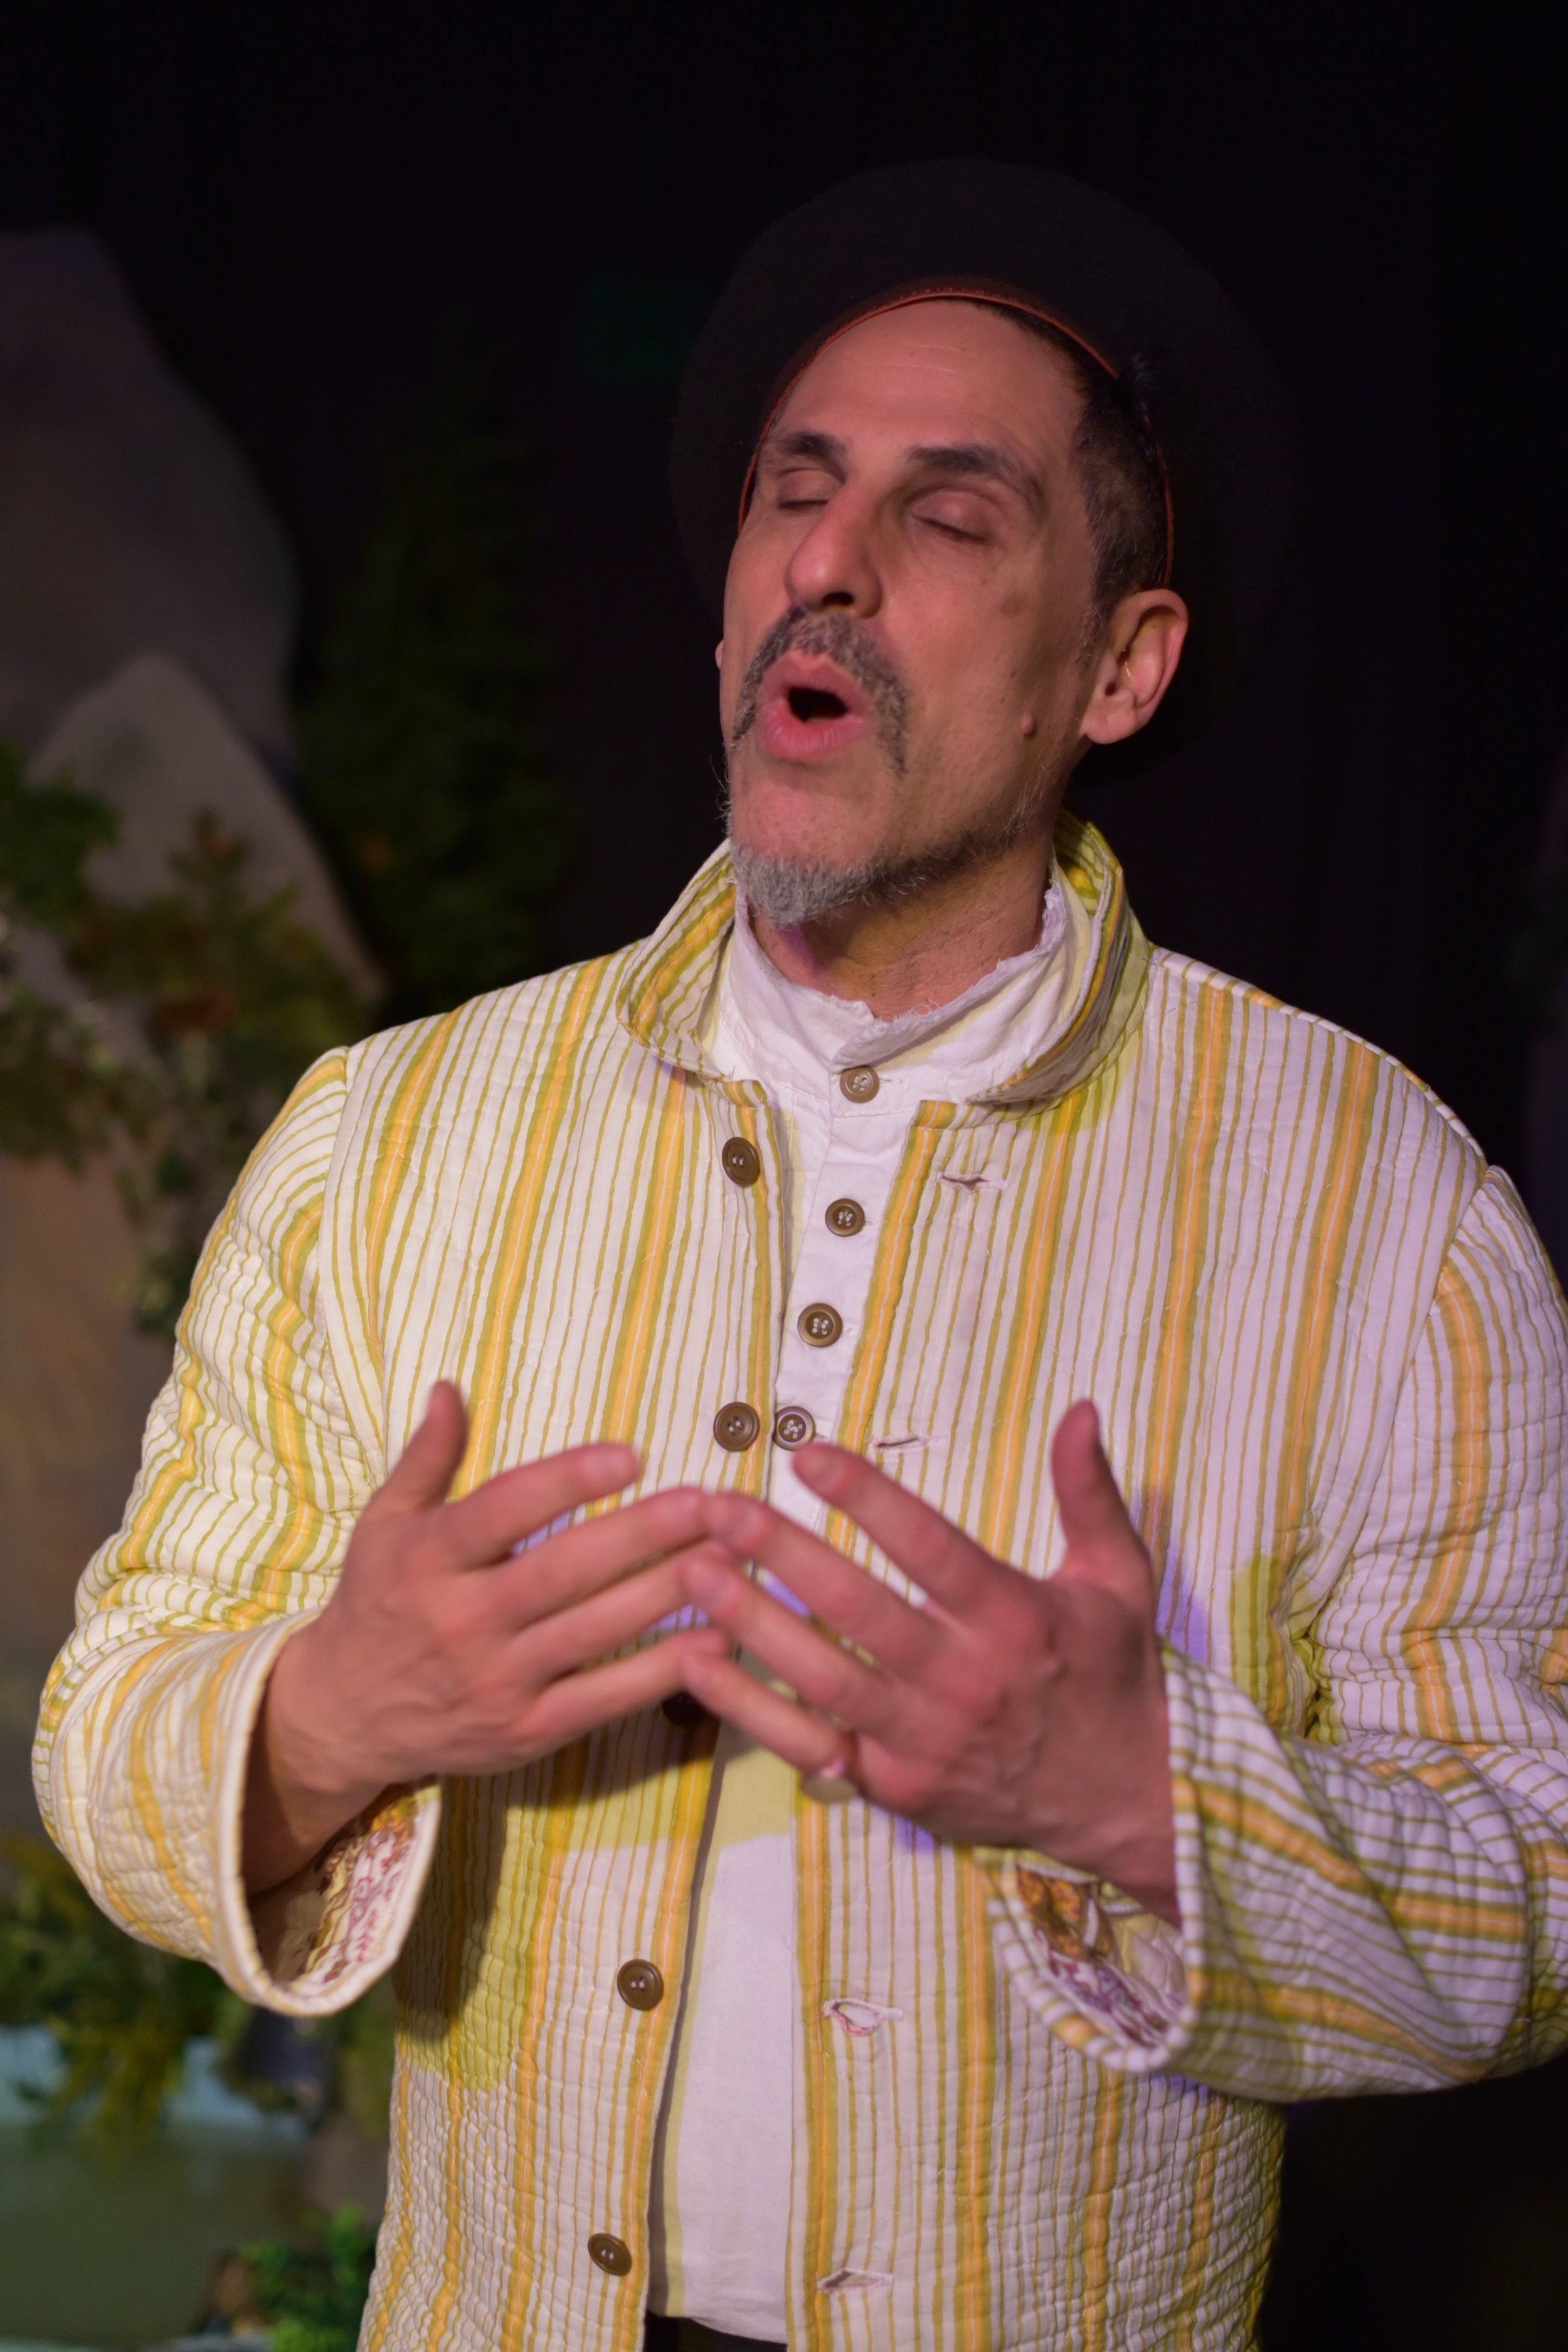 Allan Cutler  as Gorka